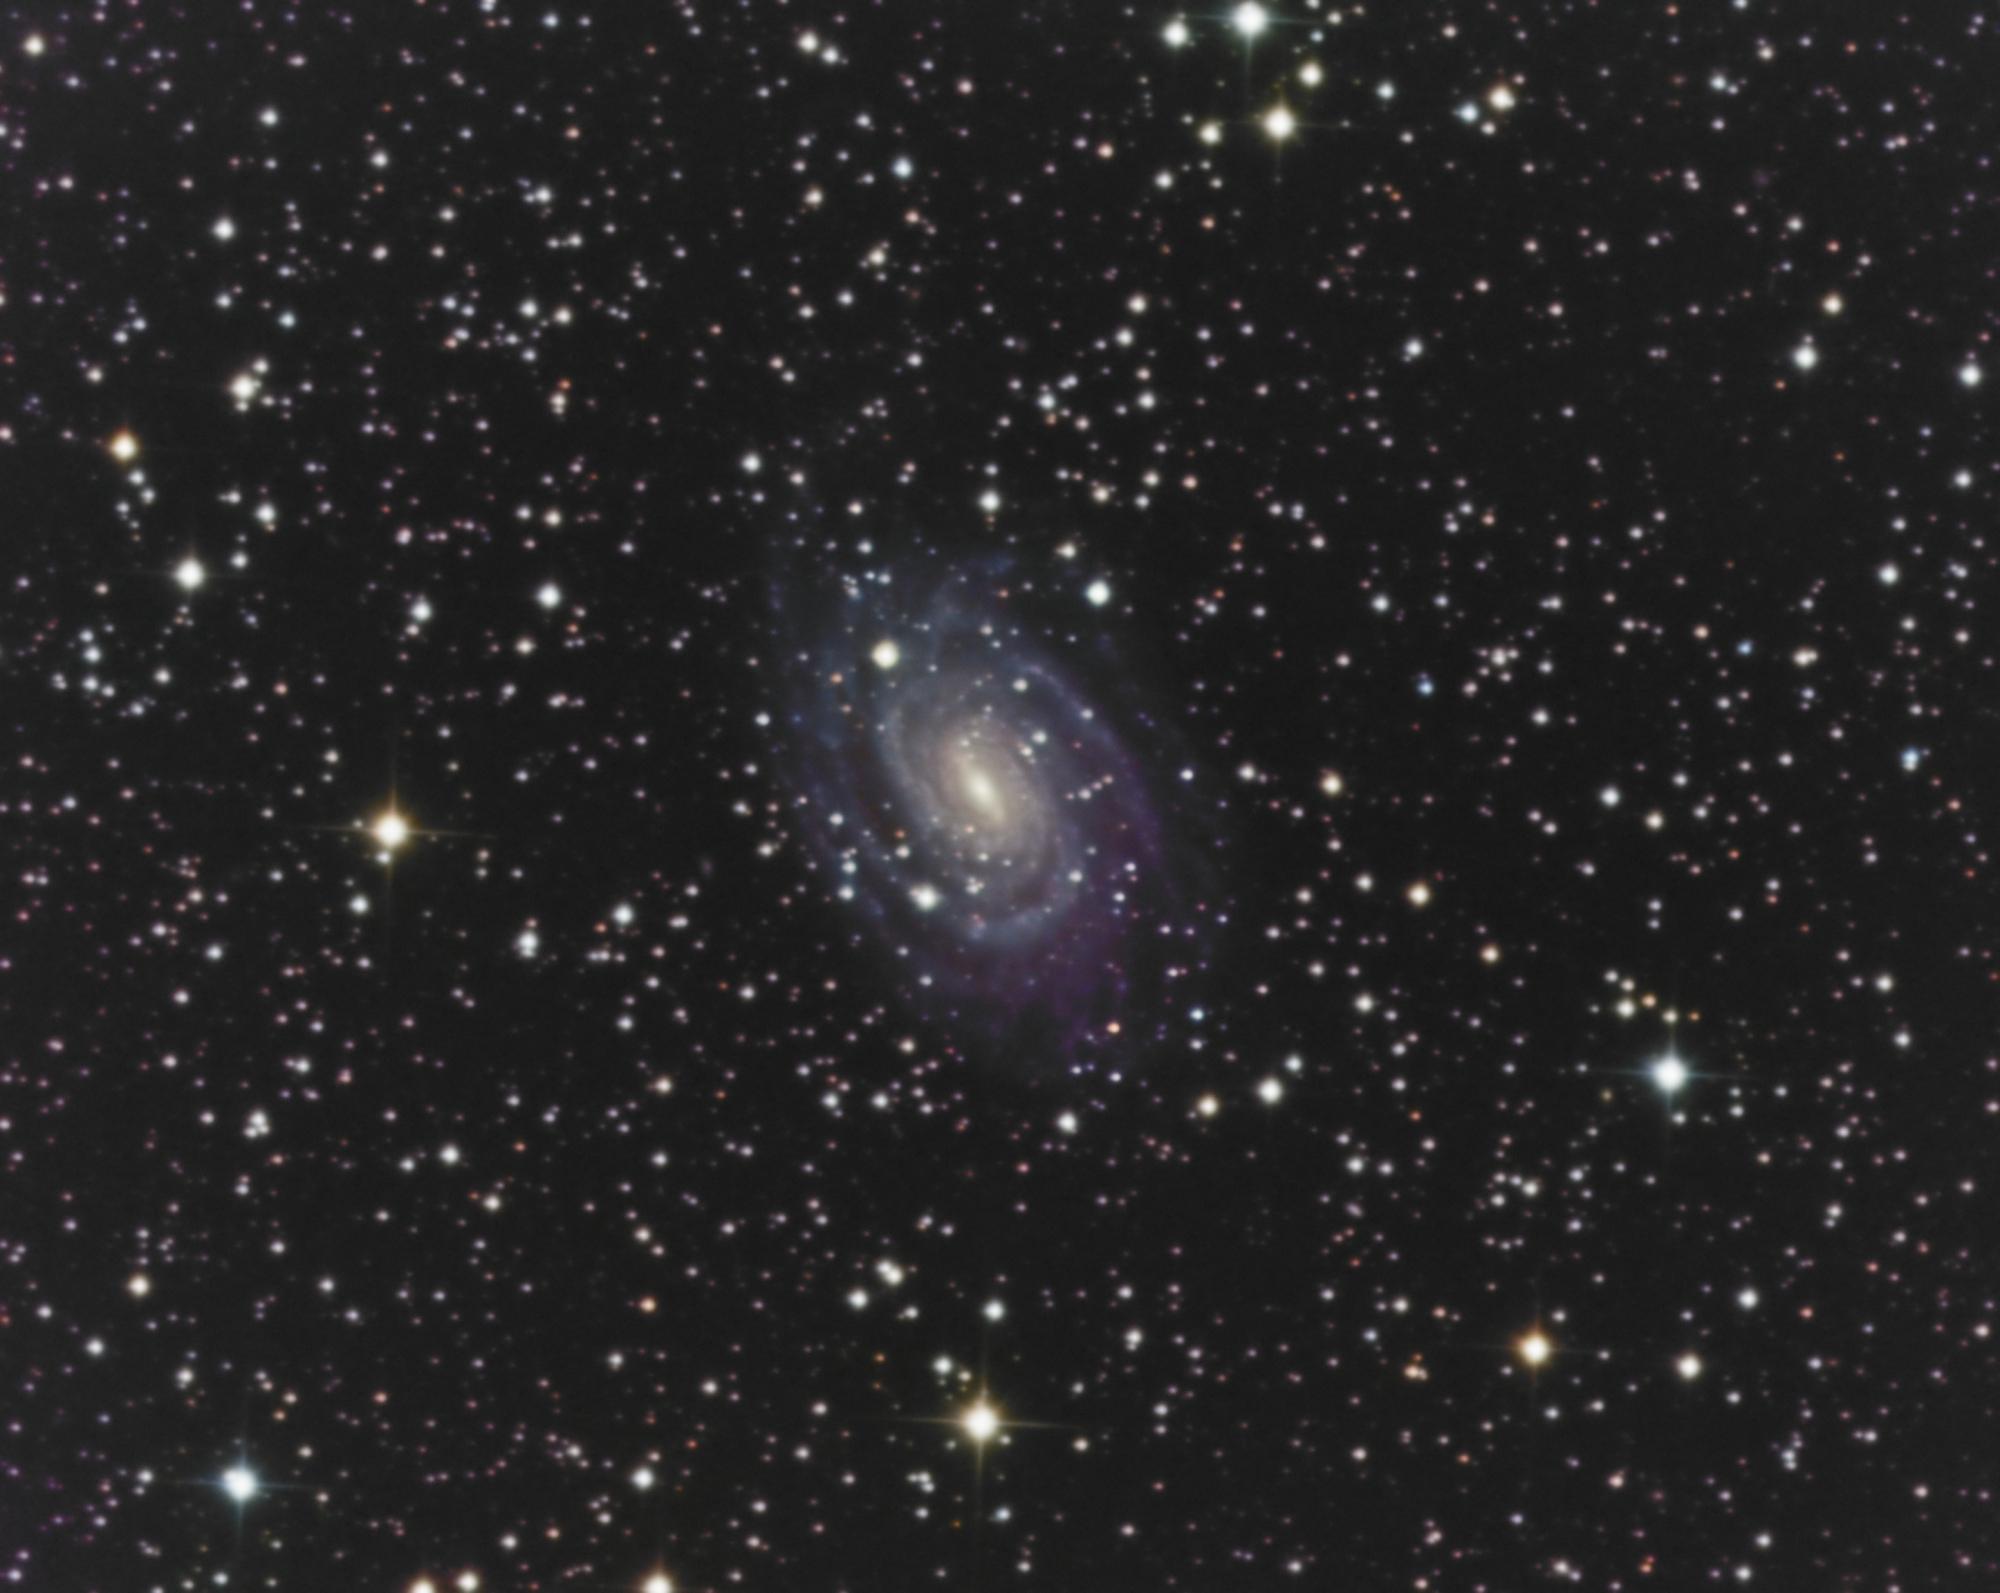 NGC6384test_clone2.thumb.jpg.a5d51bd0b2a6d6e68e3193d136441eff.jpg